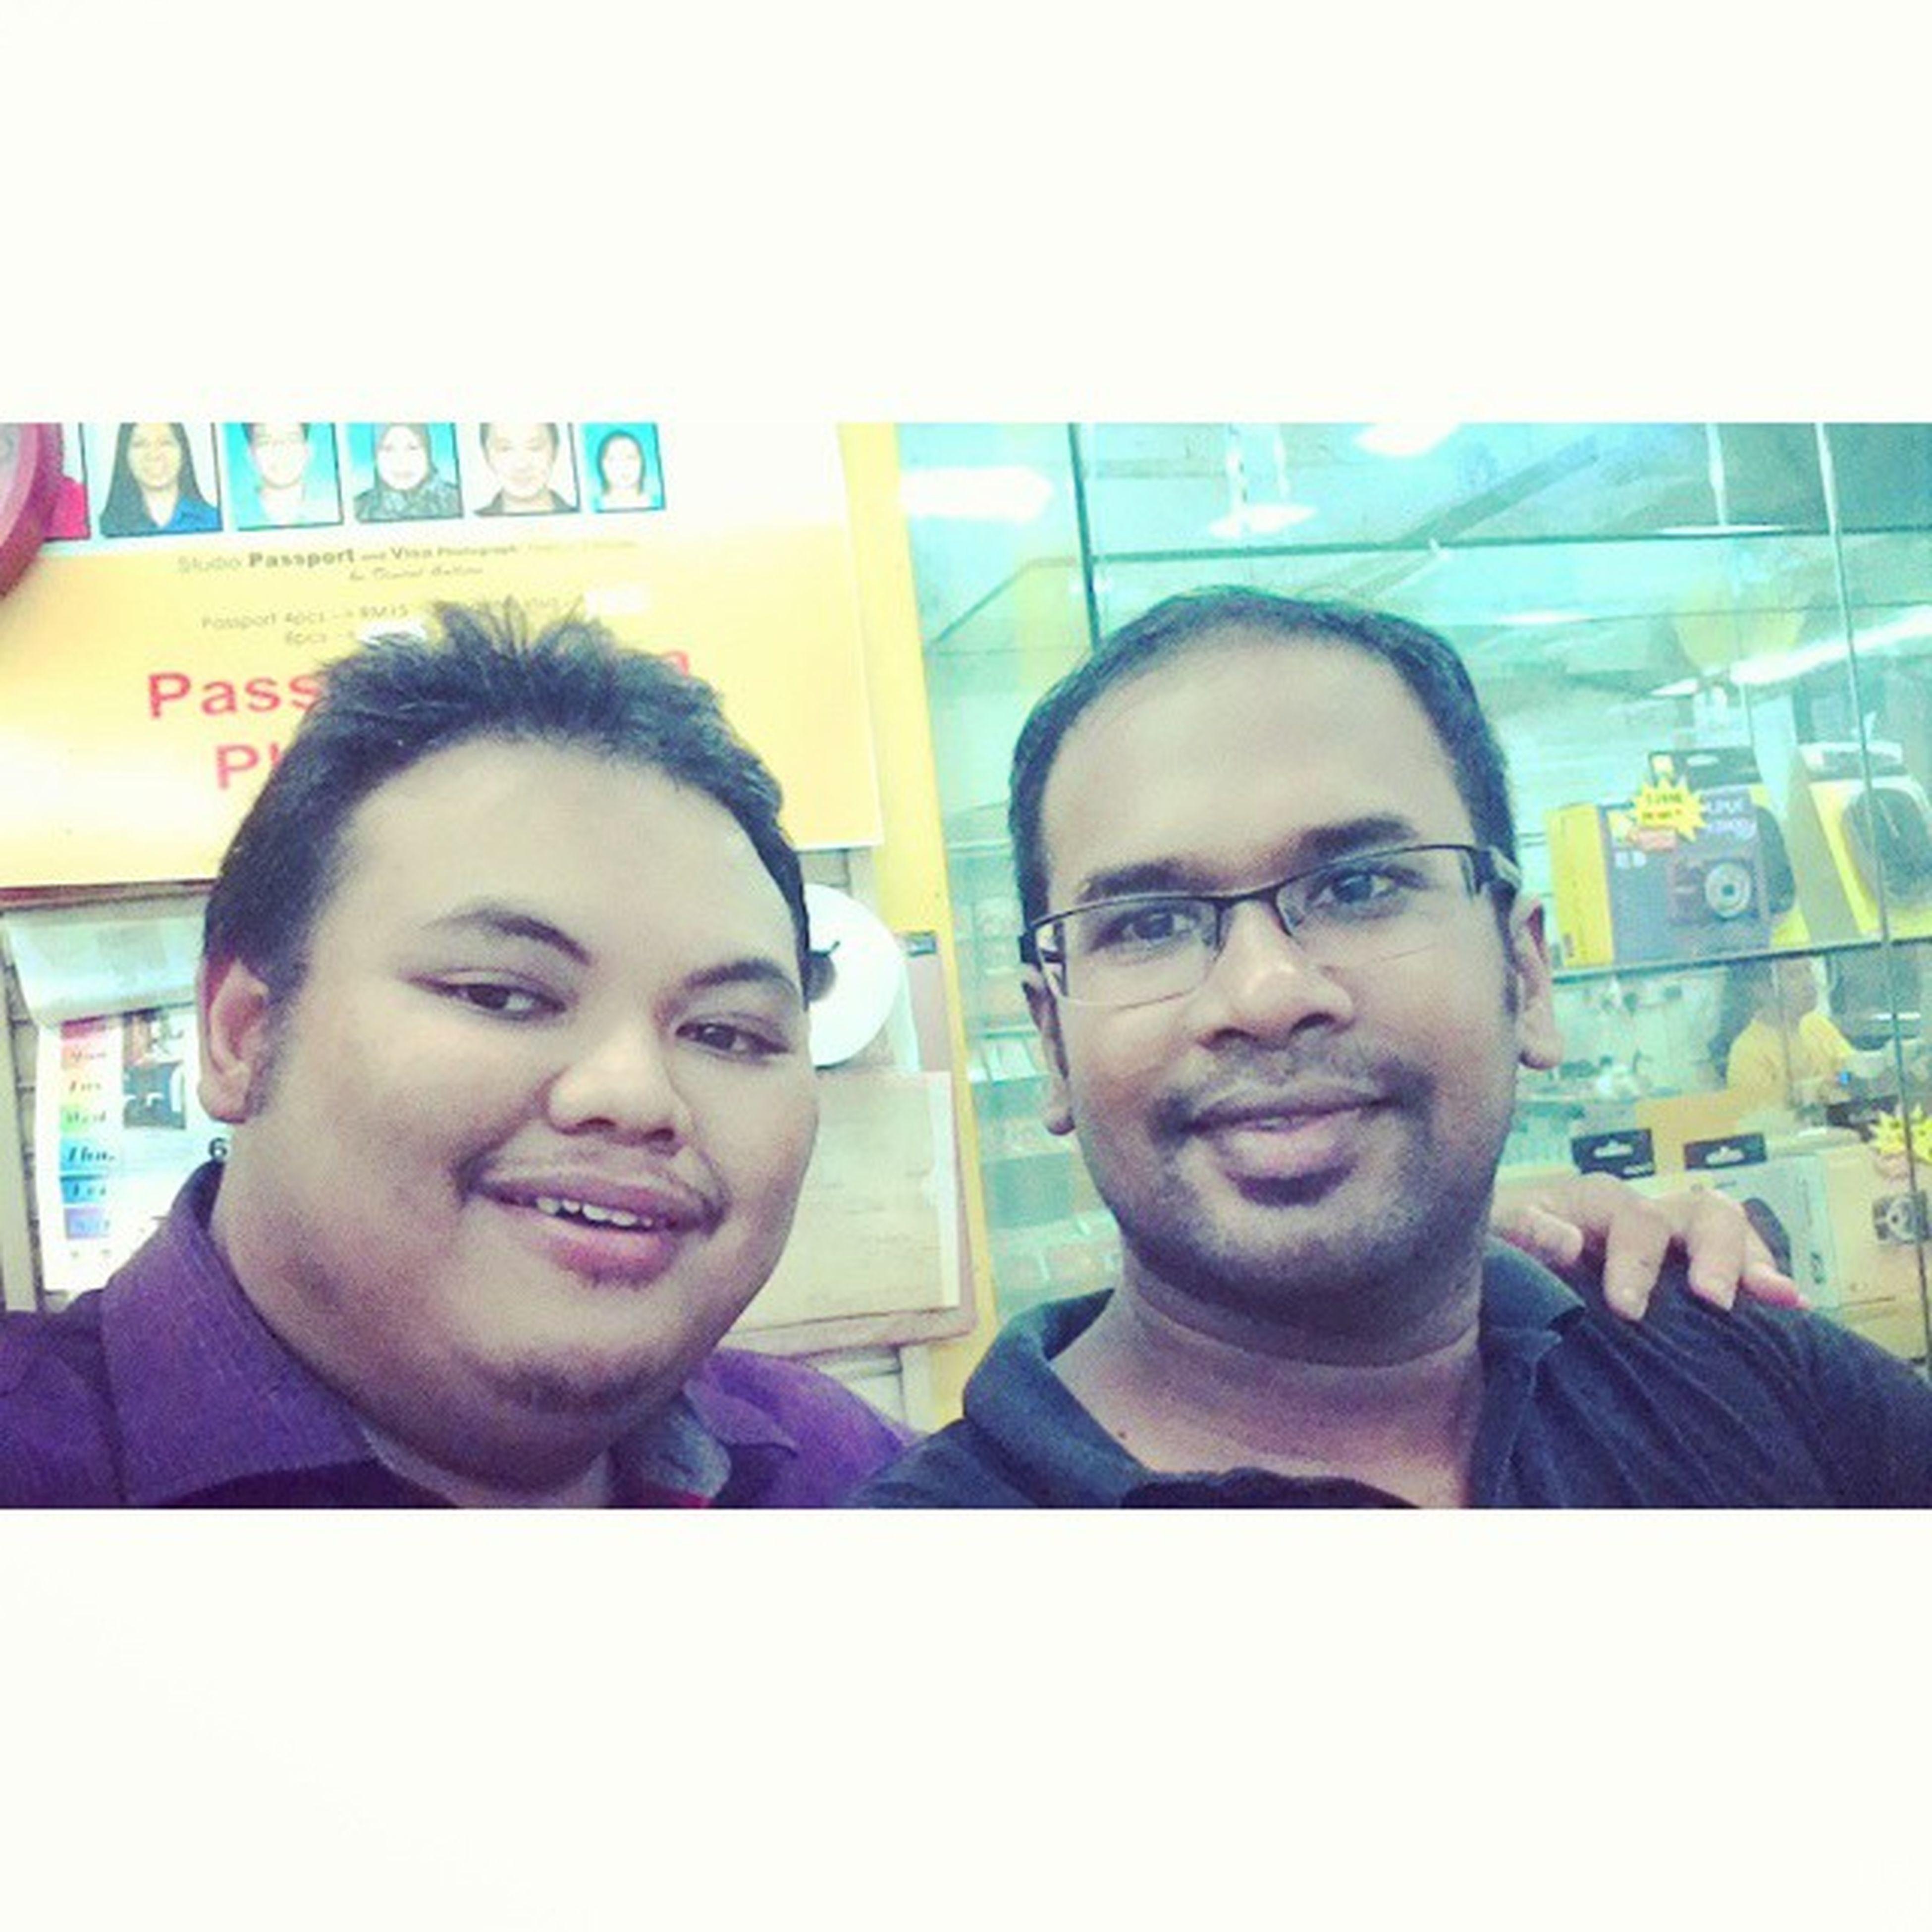 Selfie bersama Rakan lama umar at Digitalgallery yo!